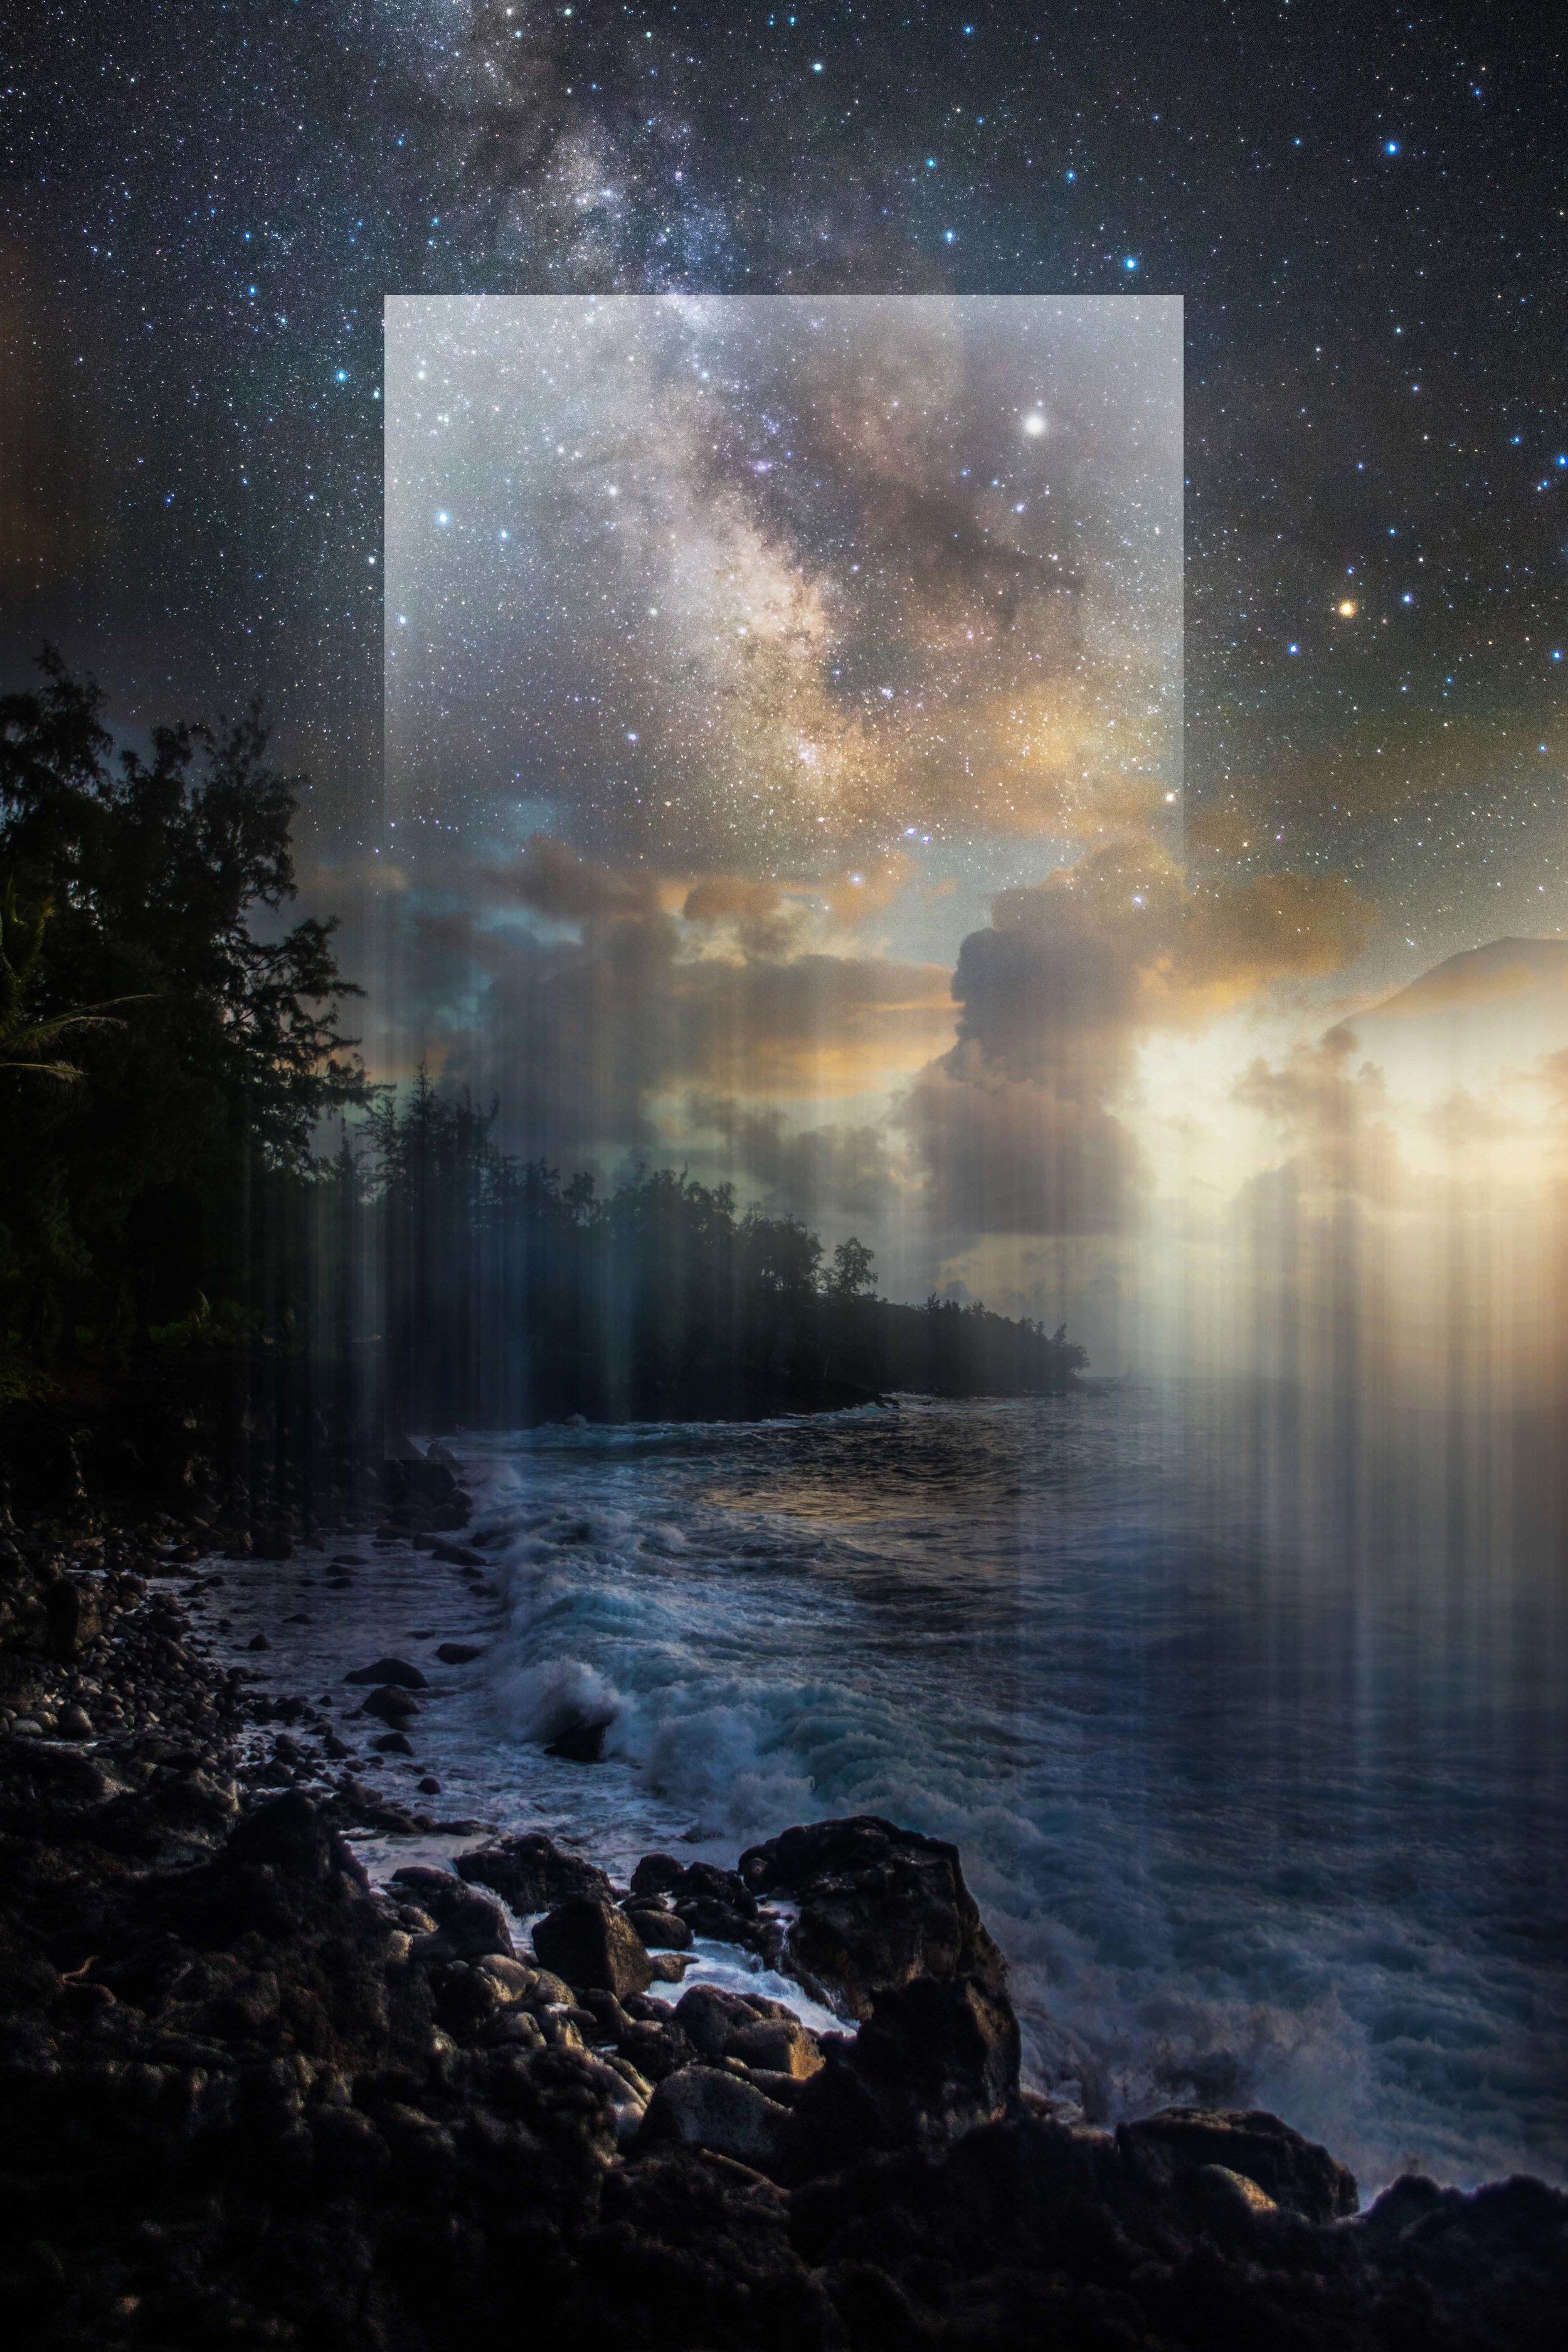 Hologramsmaller.jpg